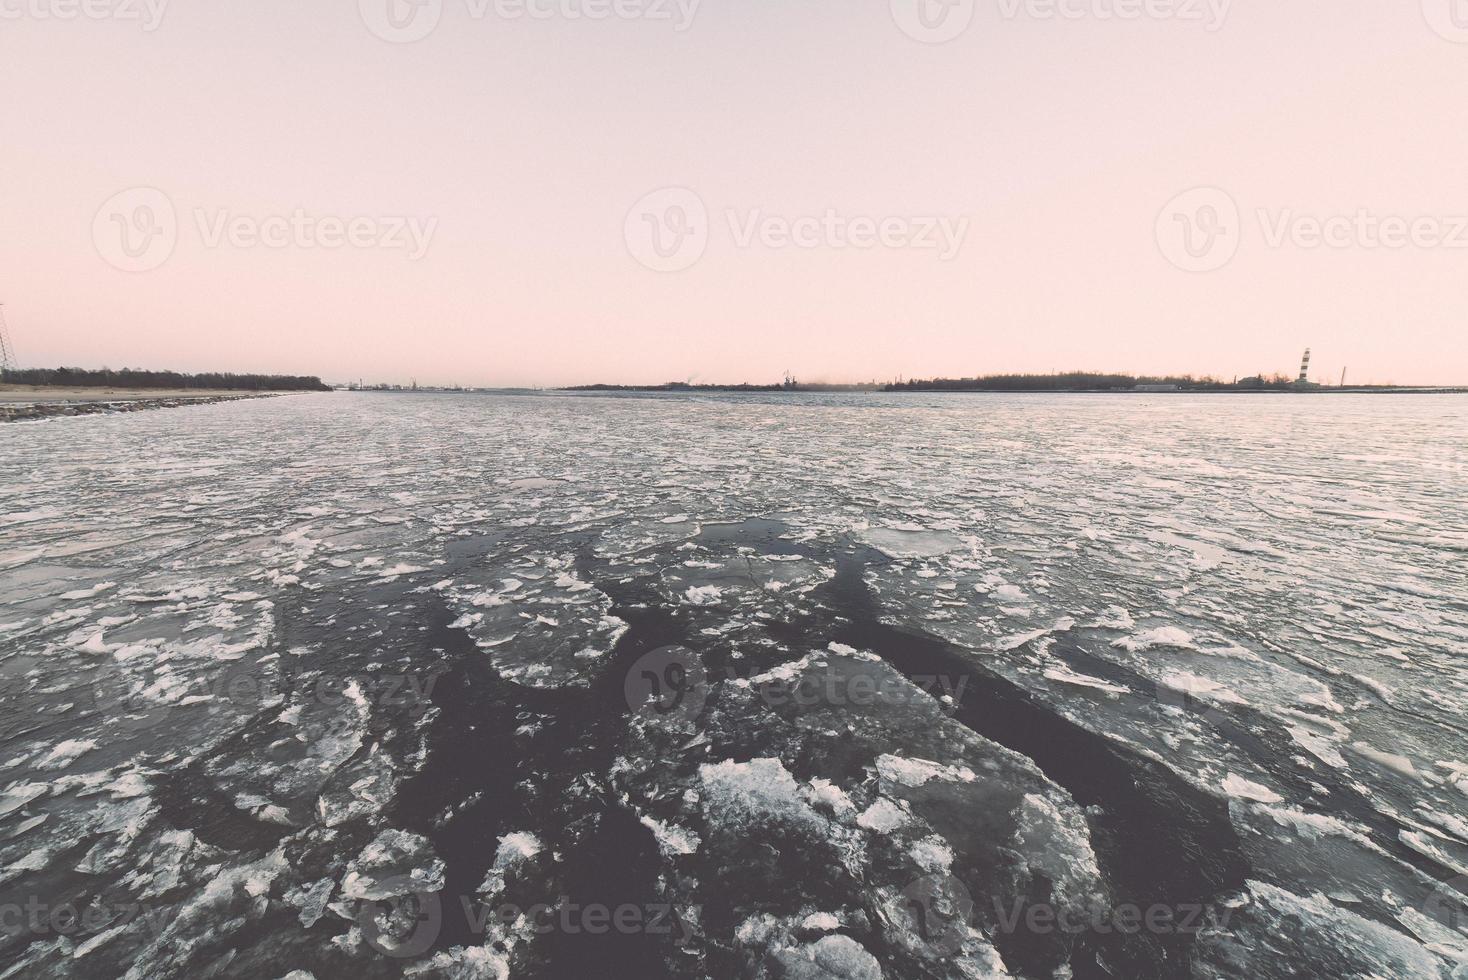 tramonto sul mare ghiacciato - effetto retrò vintage foto